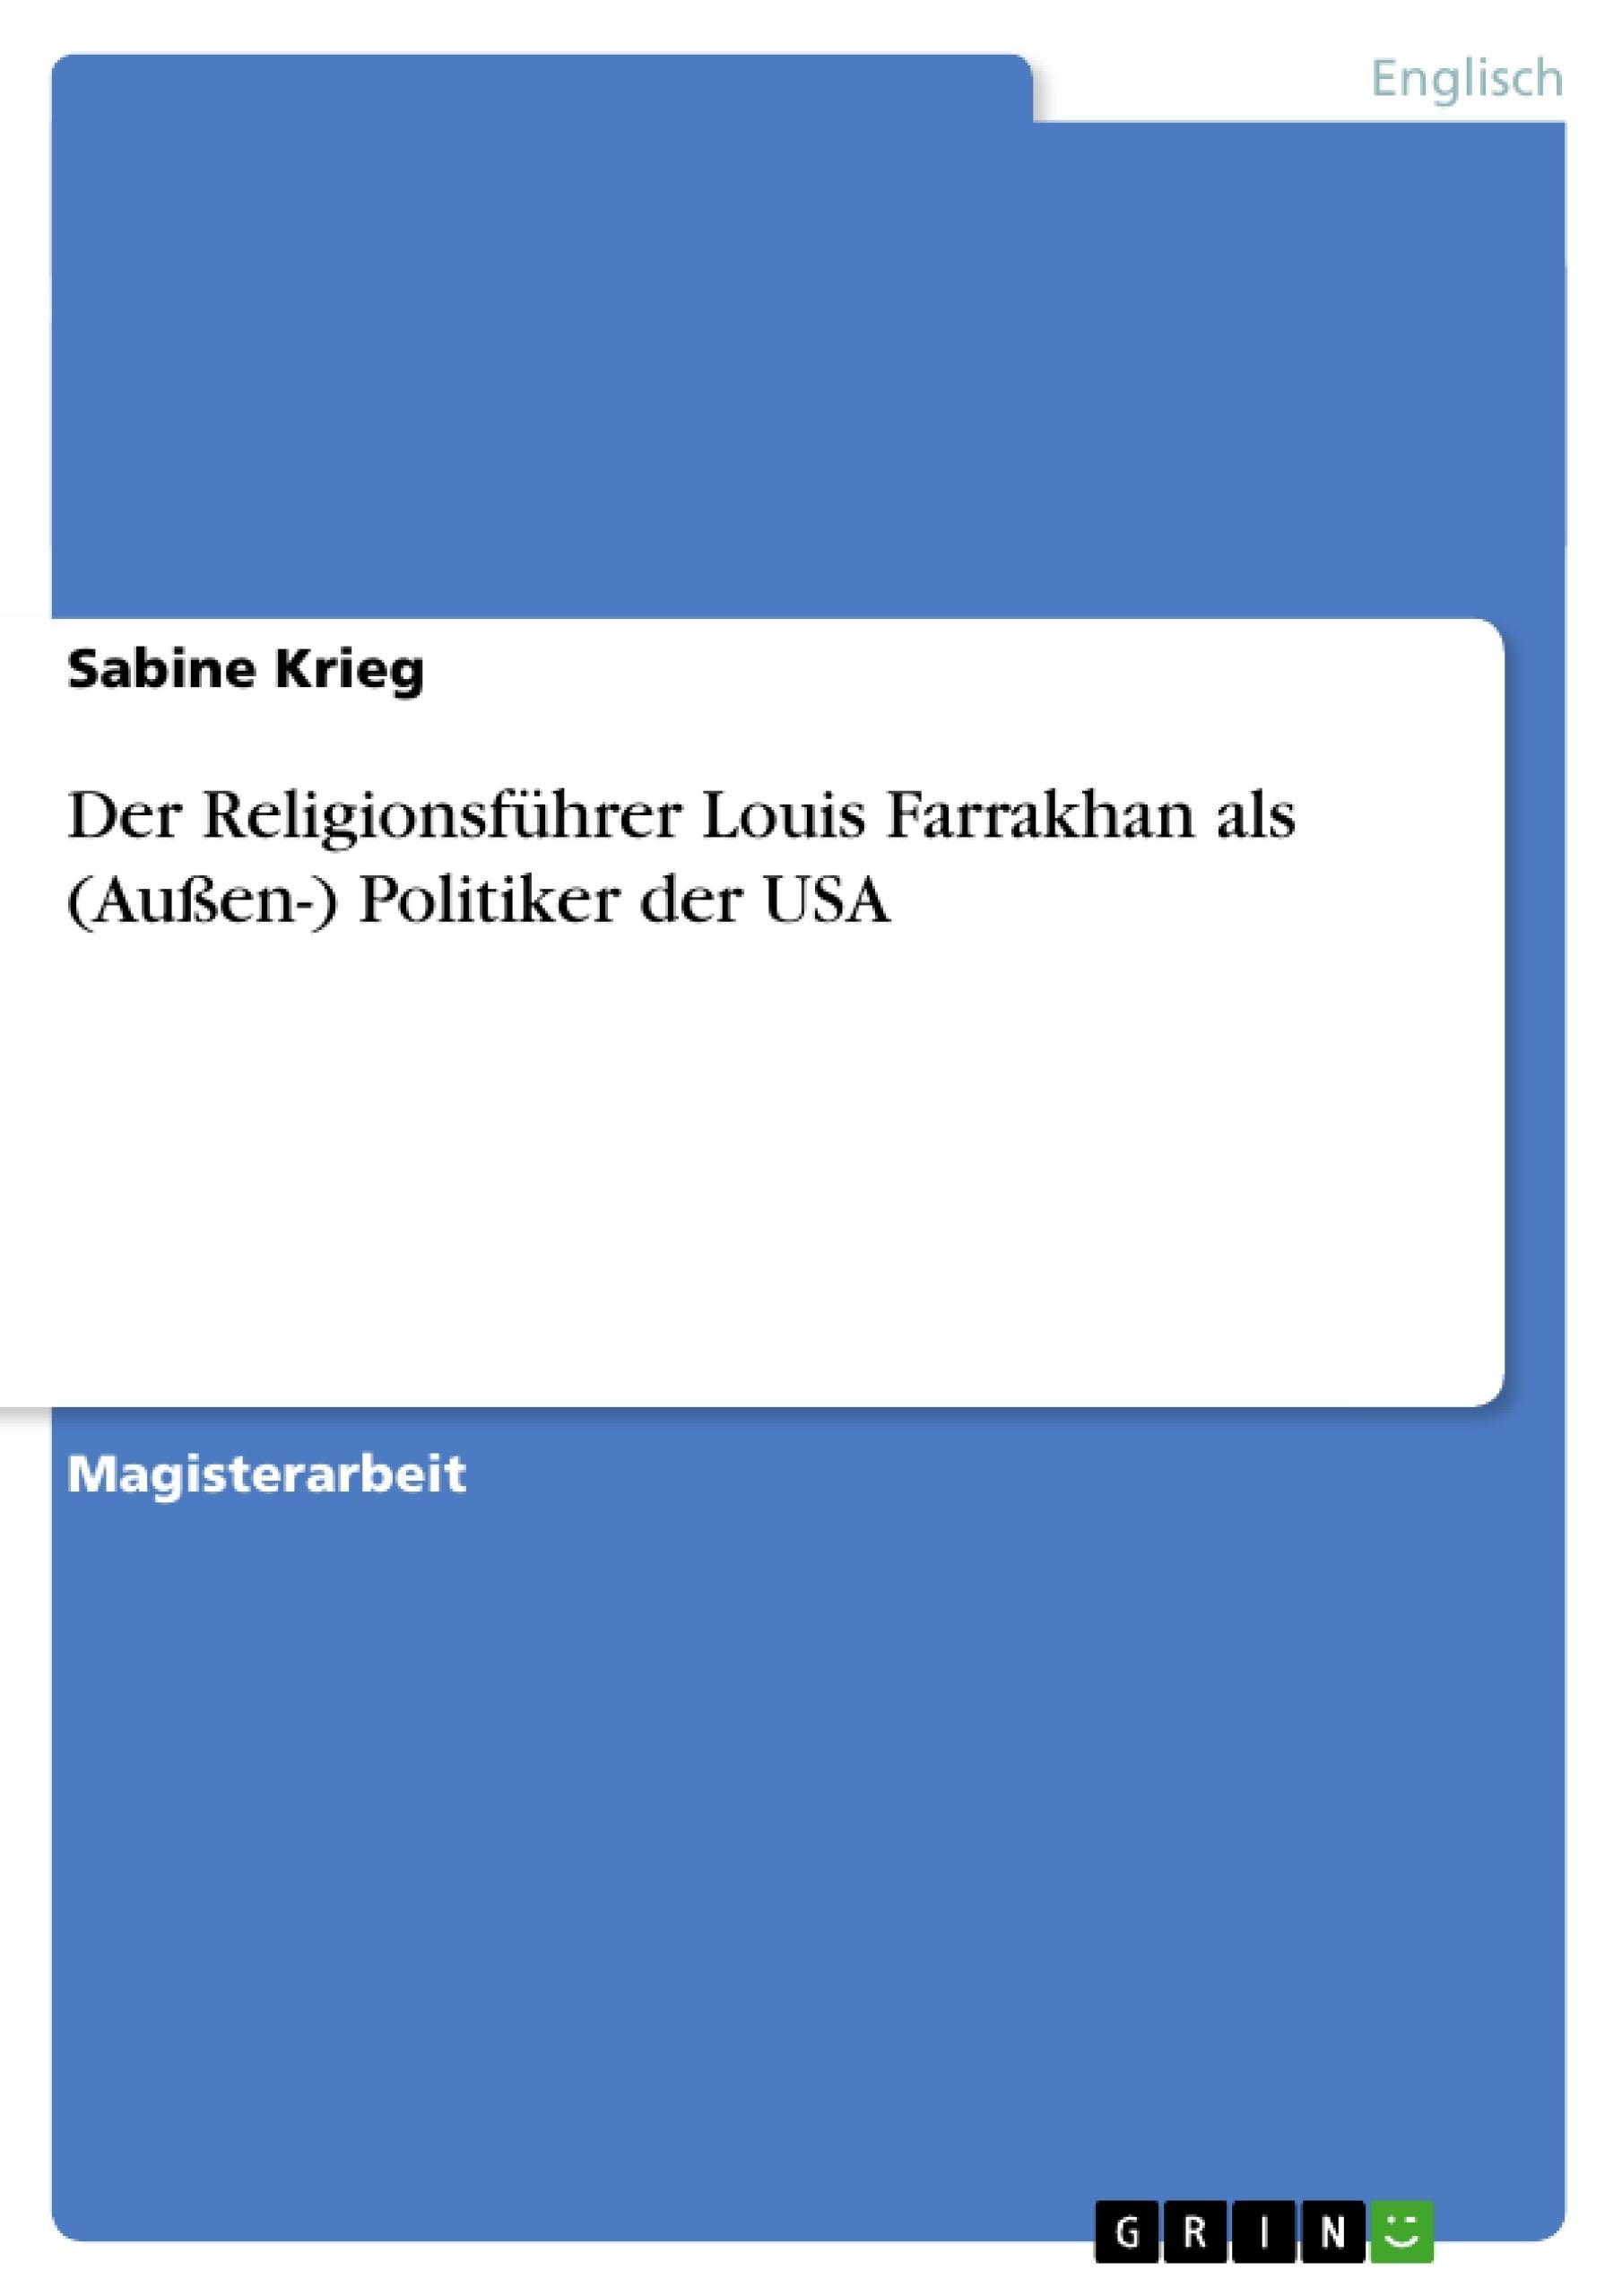 Titel: Der Religionsführer Louis Farrakhan als (Außen-) Politiker der USA